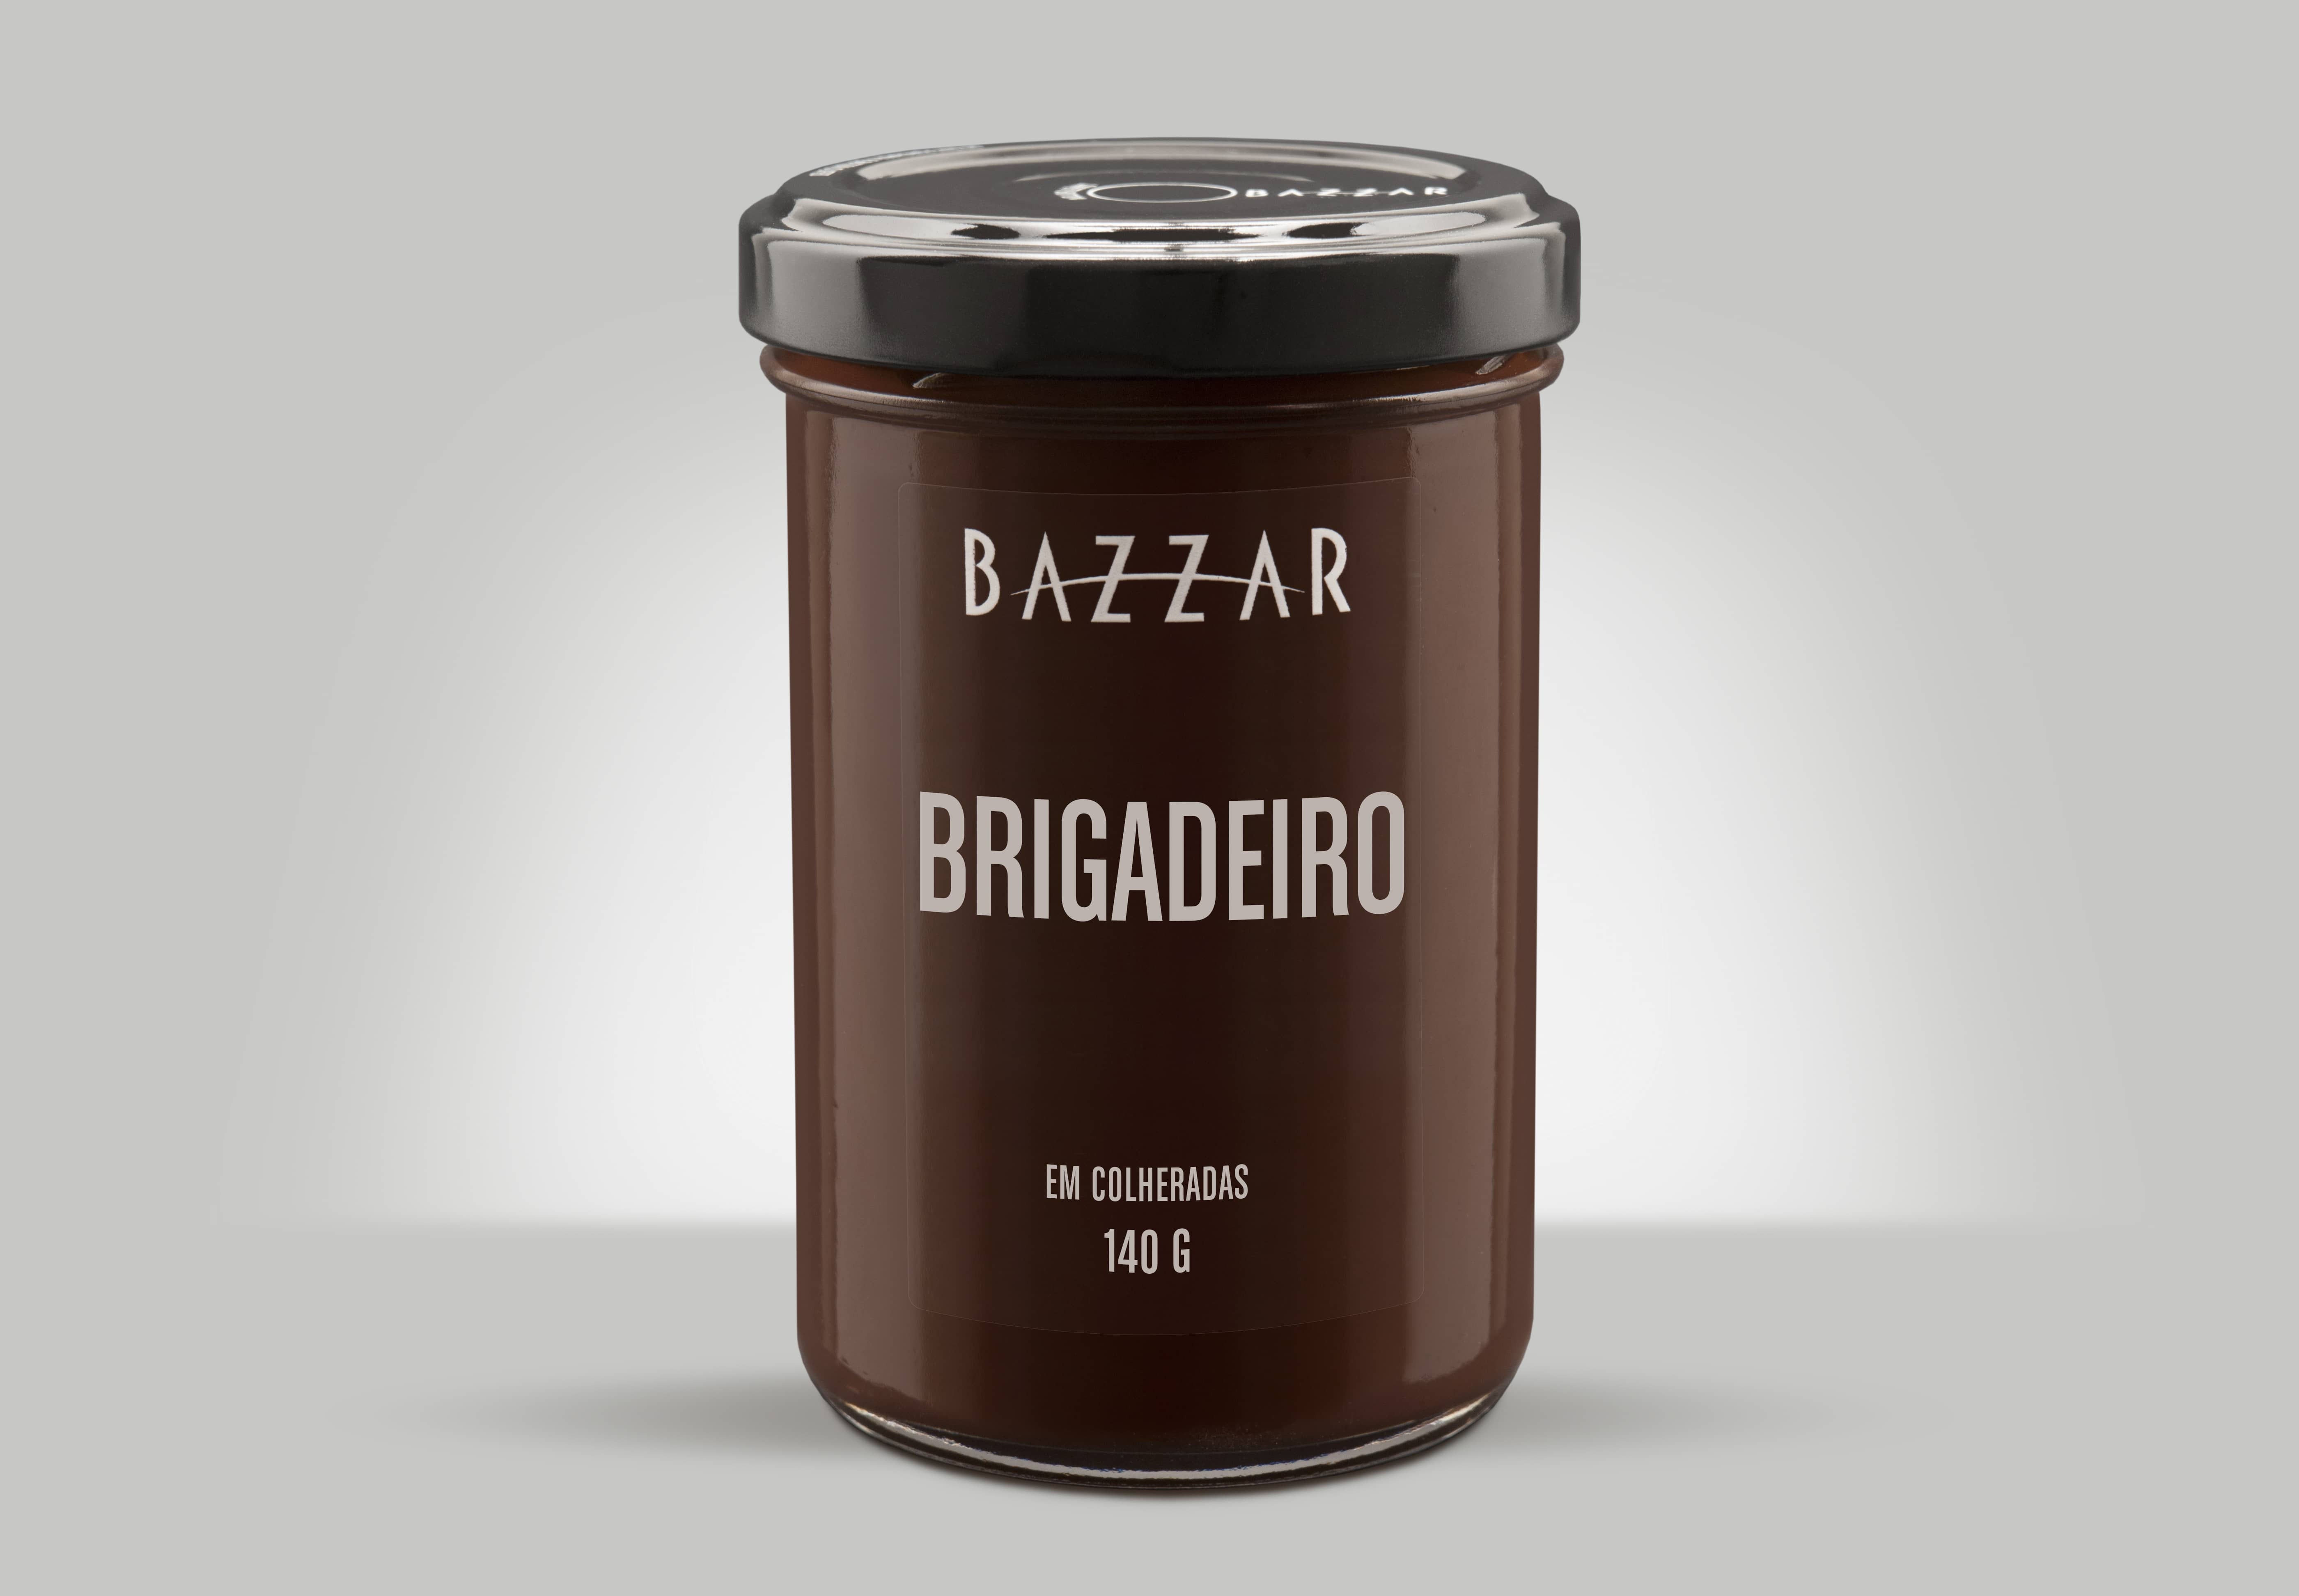 Bazzar2